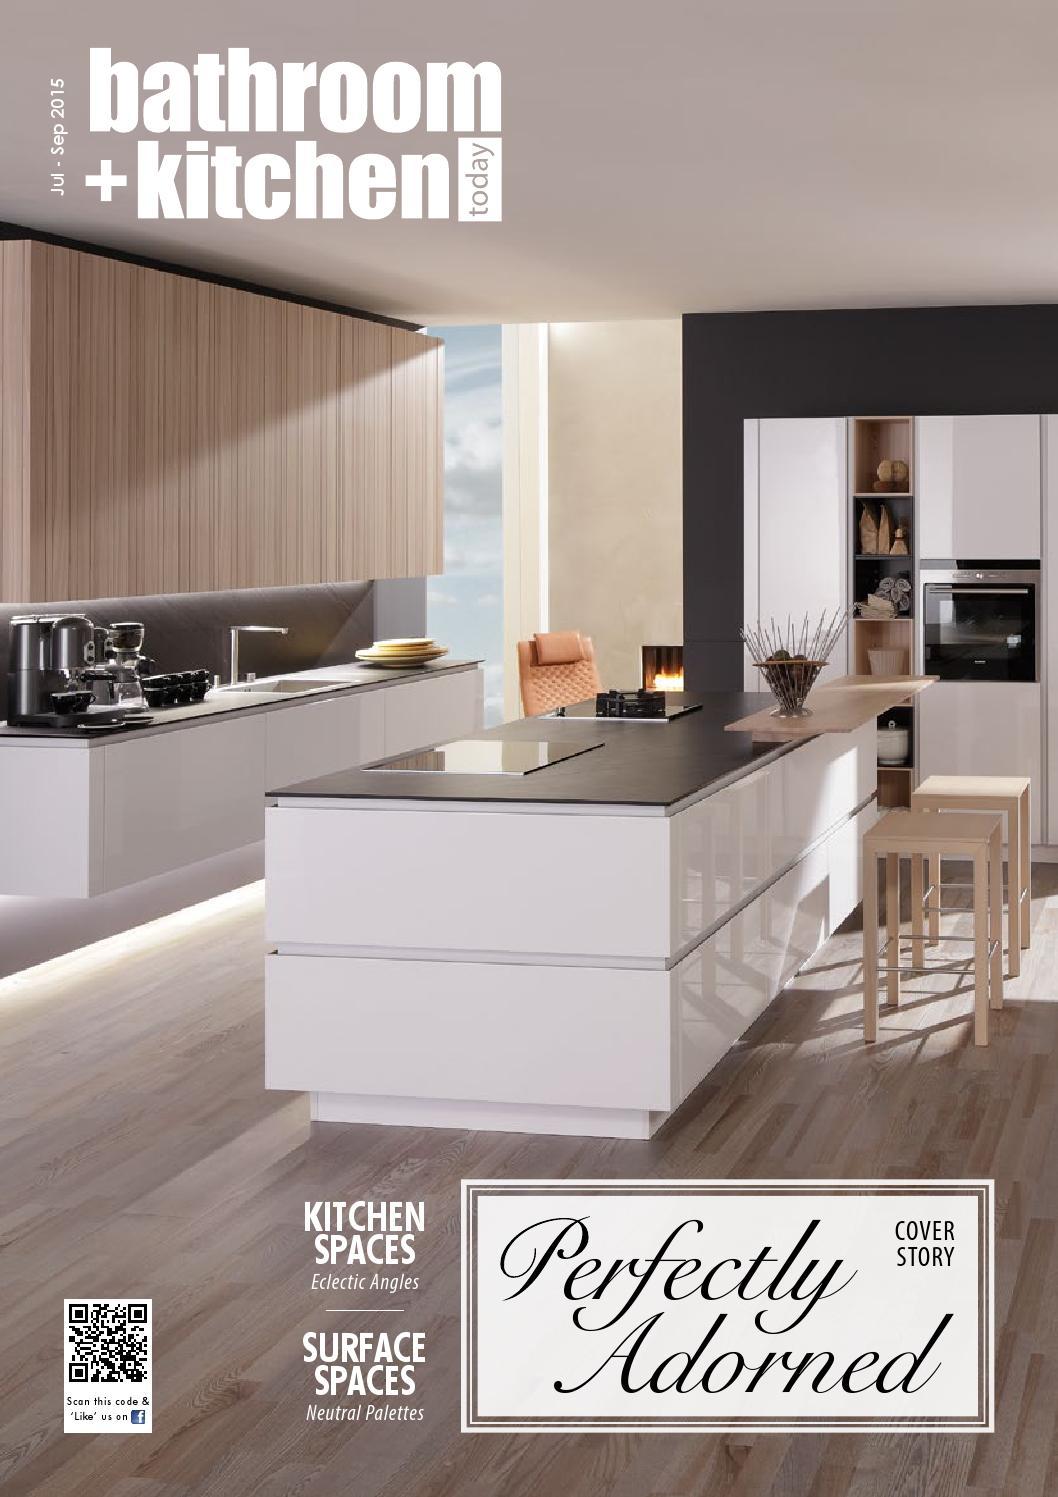 Bathroom + Kitchen Today  Vol. 10 / 10 by Bathroom + Kitchen ...